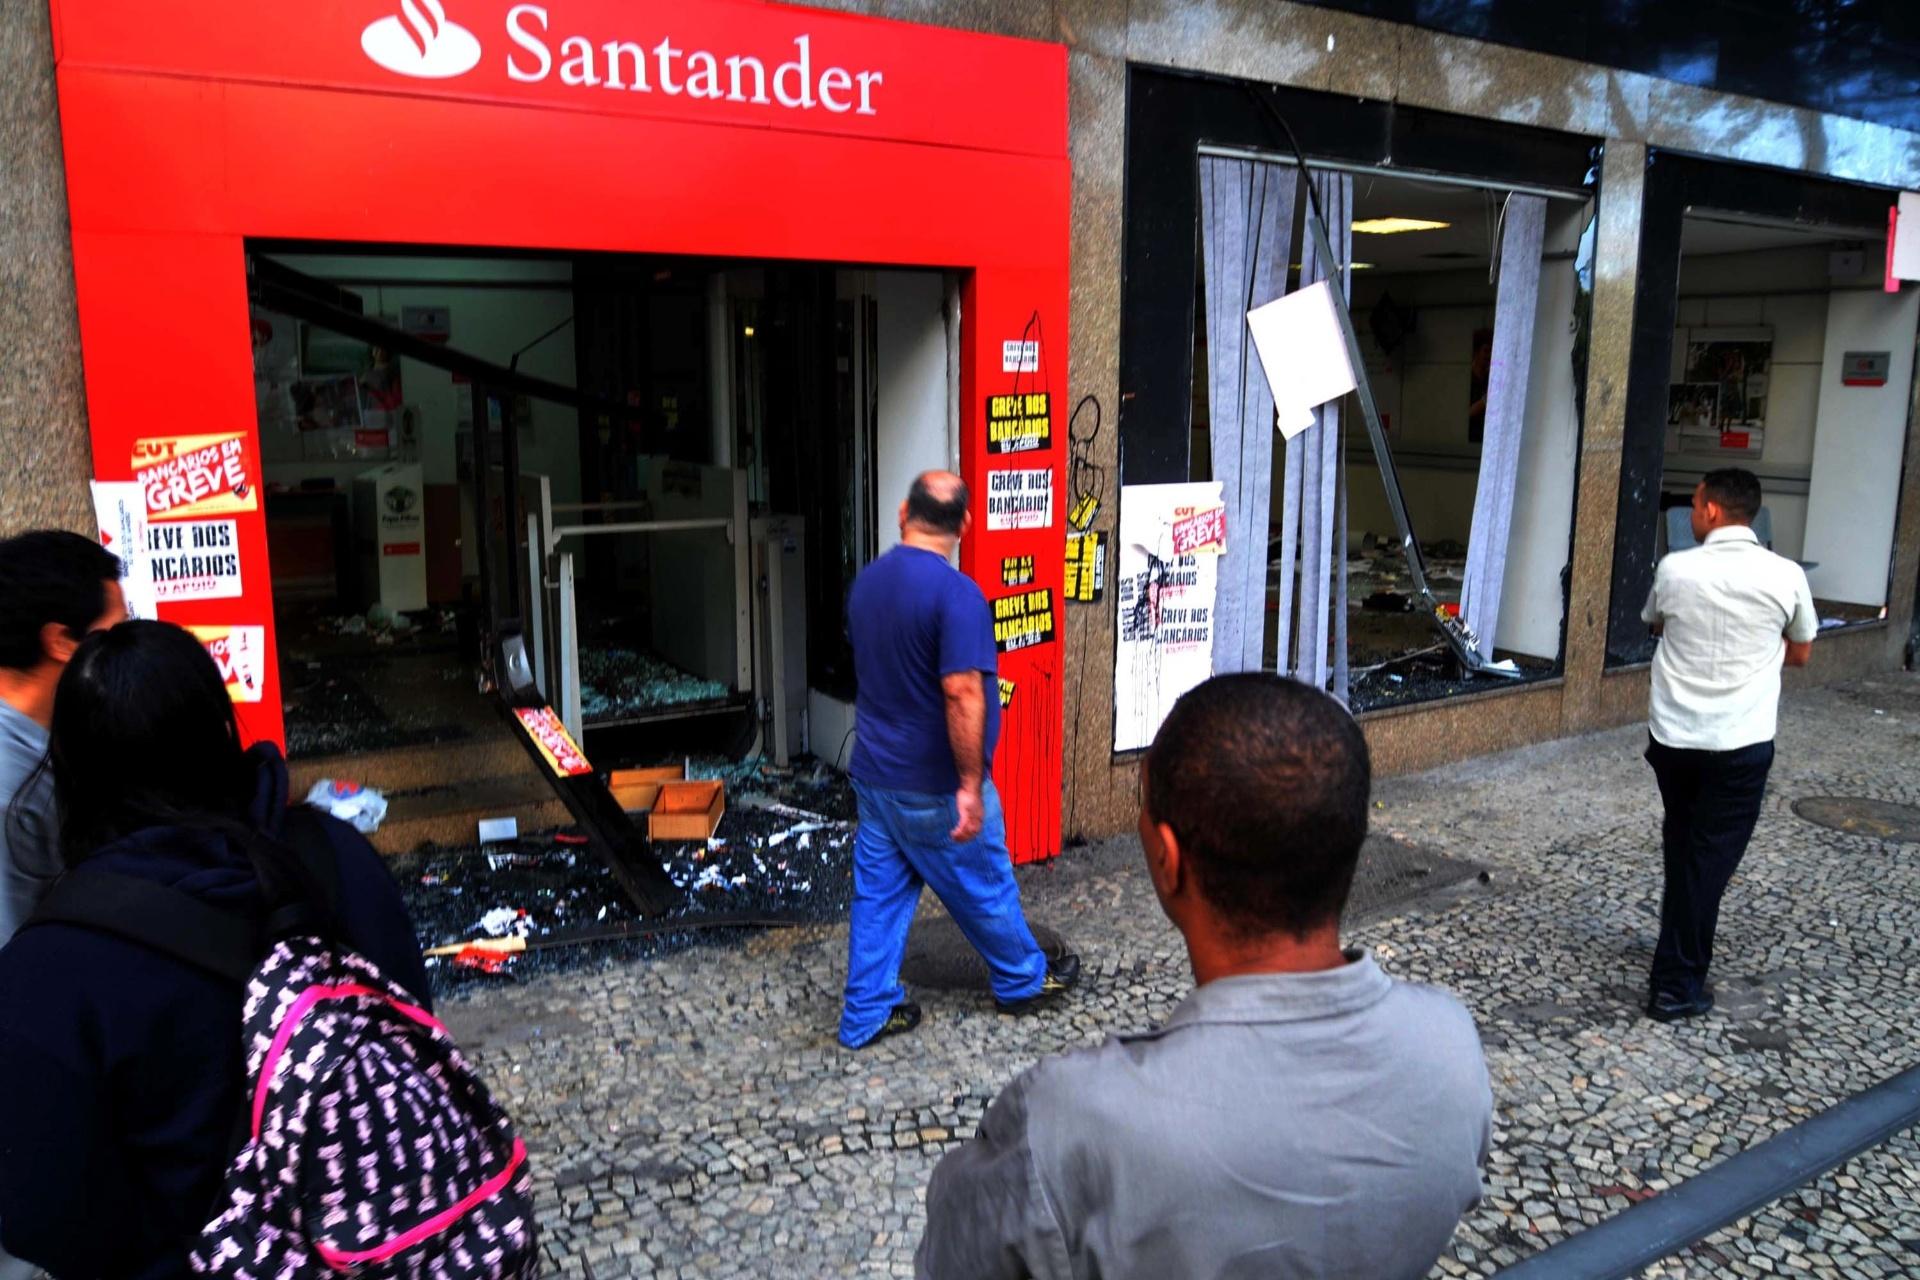 8.set.2013 - Agência bancária amanhece destruída após protesto em apoio a professores em greve na noite de segunda-feira (7) na Cinelândia, zona central da cidade